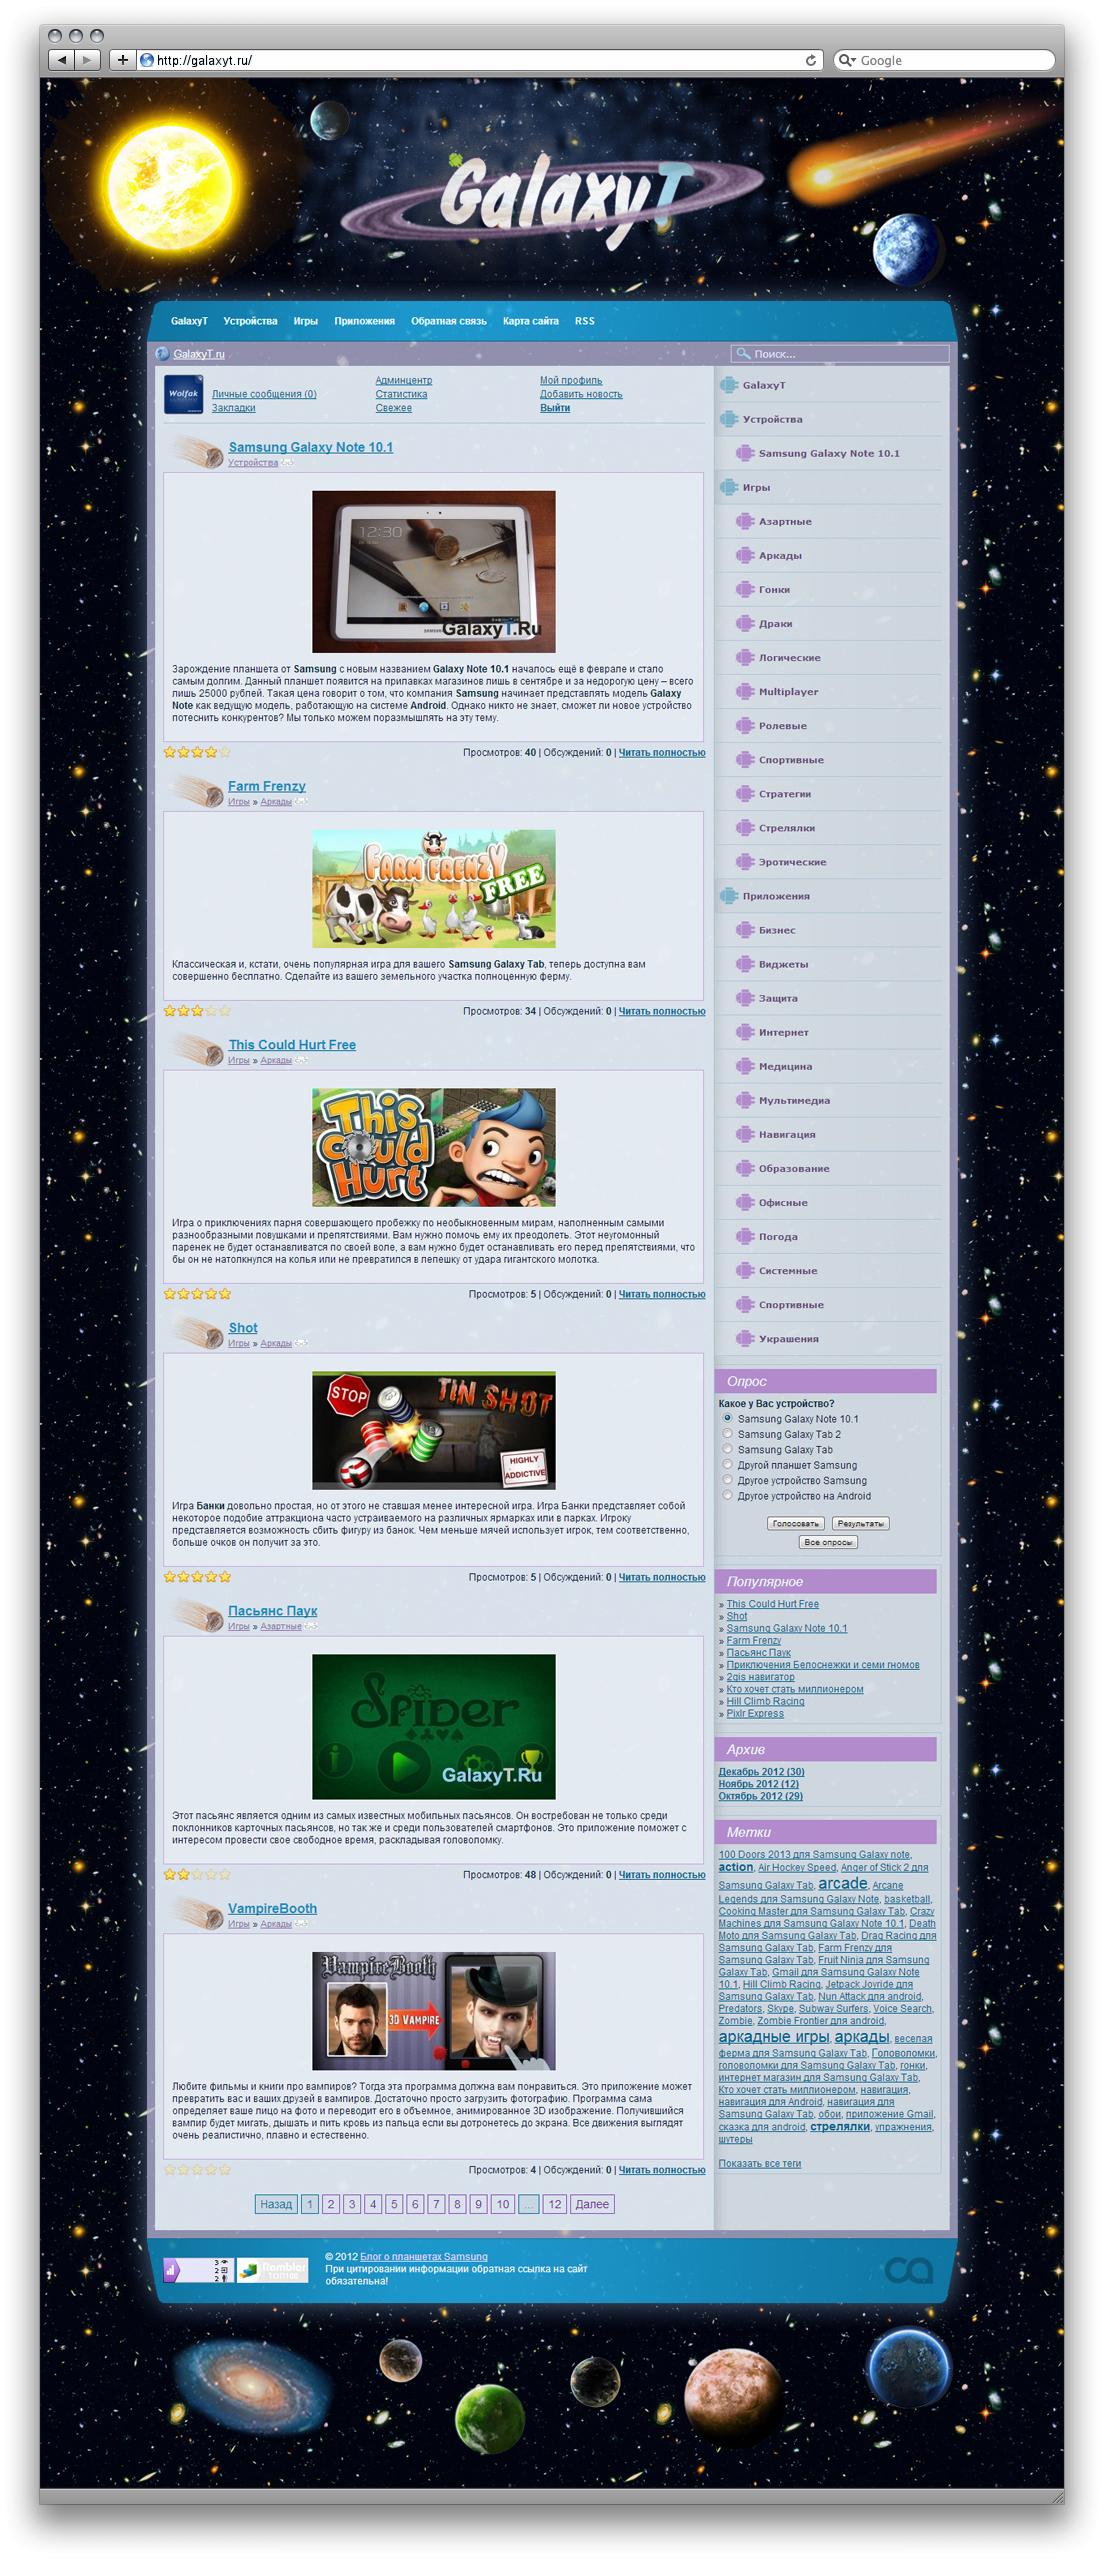 Дизайн для сайта о мобильных телефонах и планшетах Samsung Galaxy